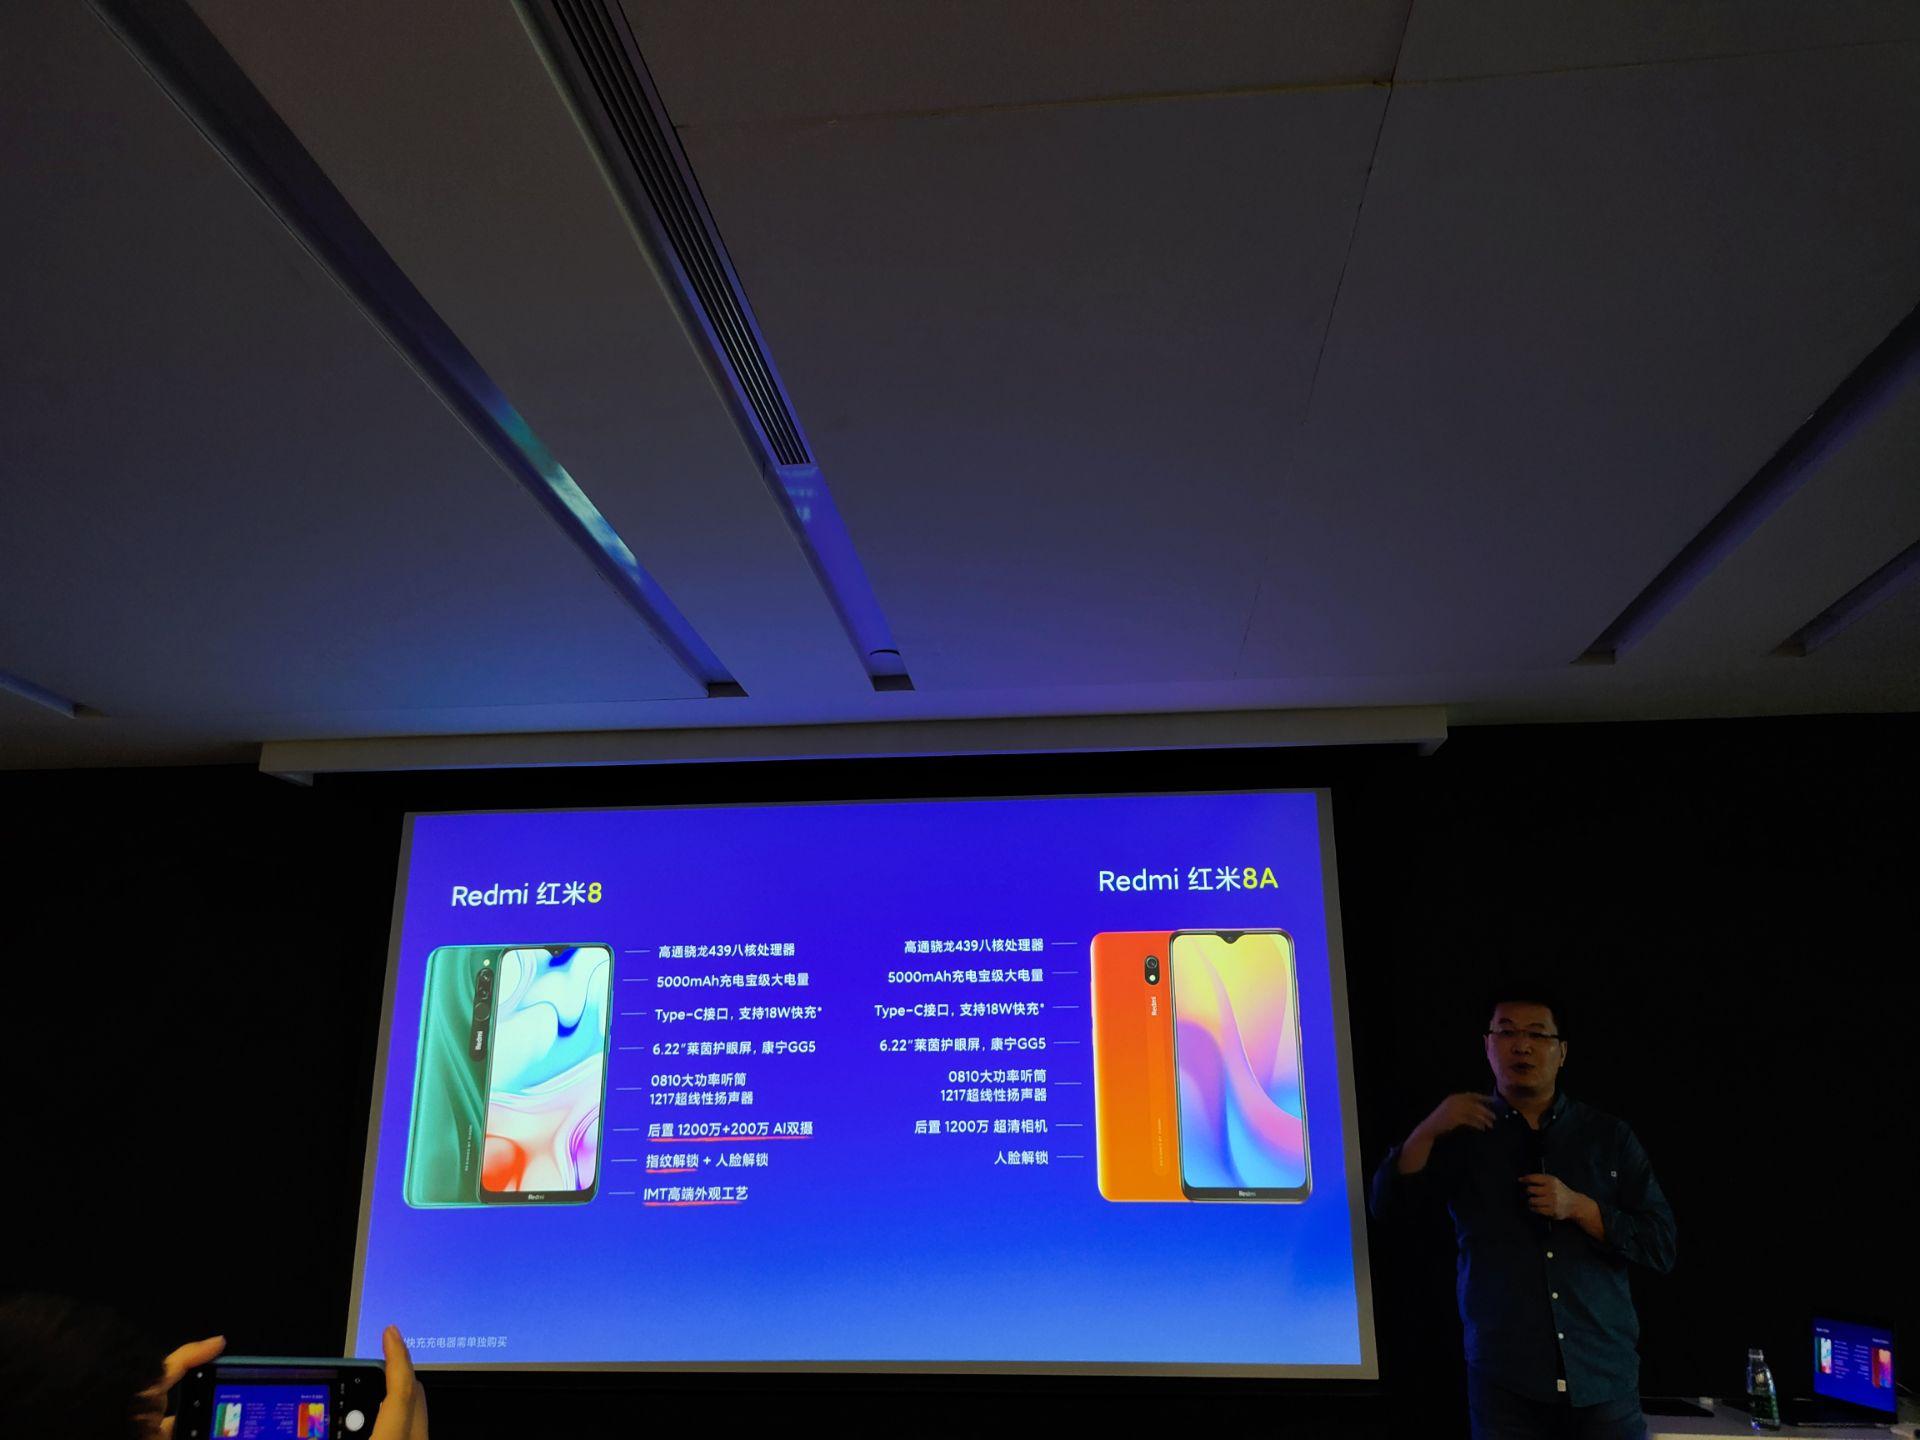 699元起 Redmi 8系列发布:5000mAh电池